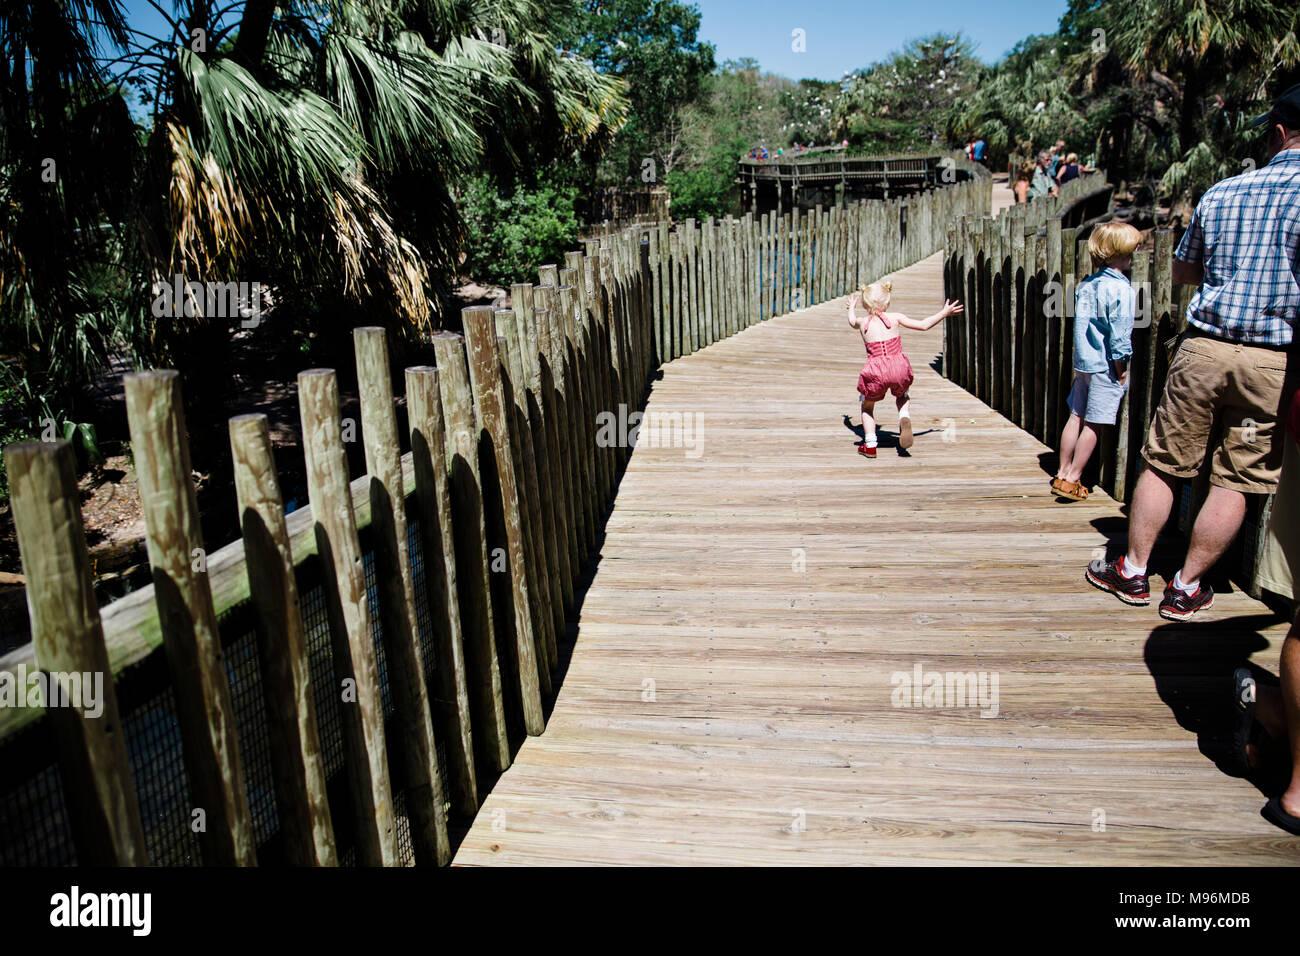 Famiglia camminando giù zoo boardwalk Immagini Stock